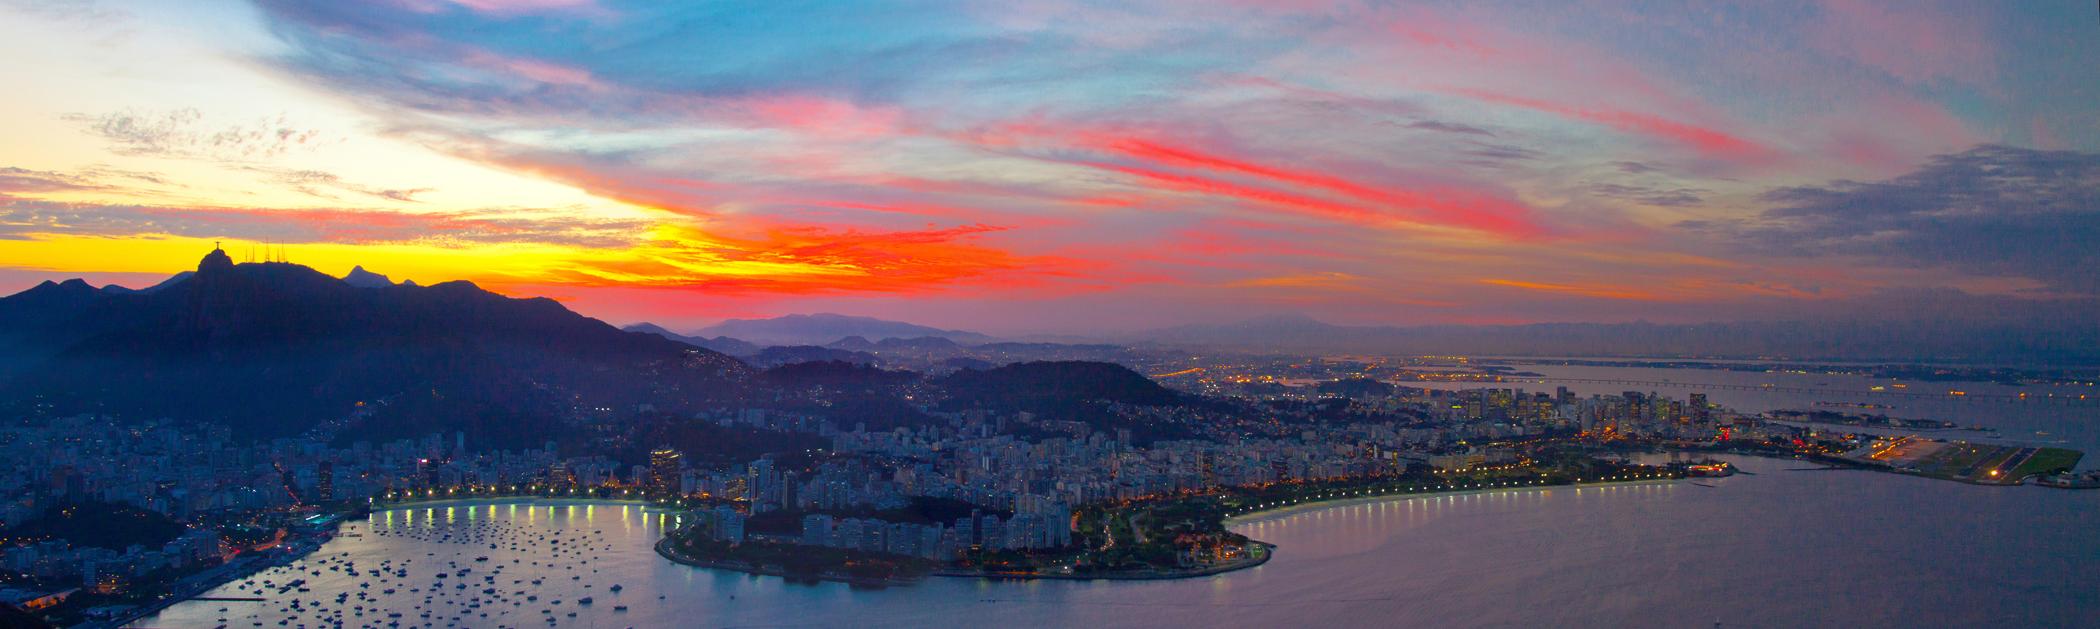 Rio-de-Janeiro_pano_by_Vladimir_Filvarkiv_for_ChanceToTrip_13